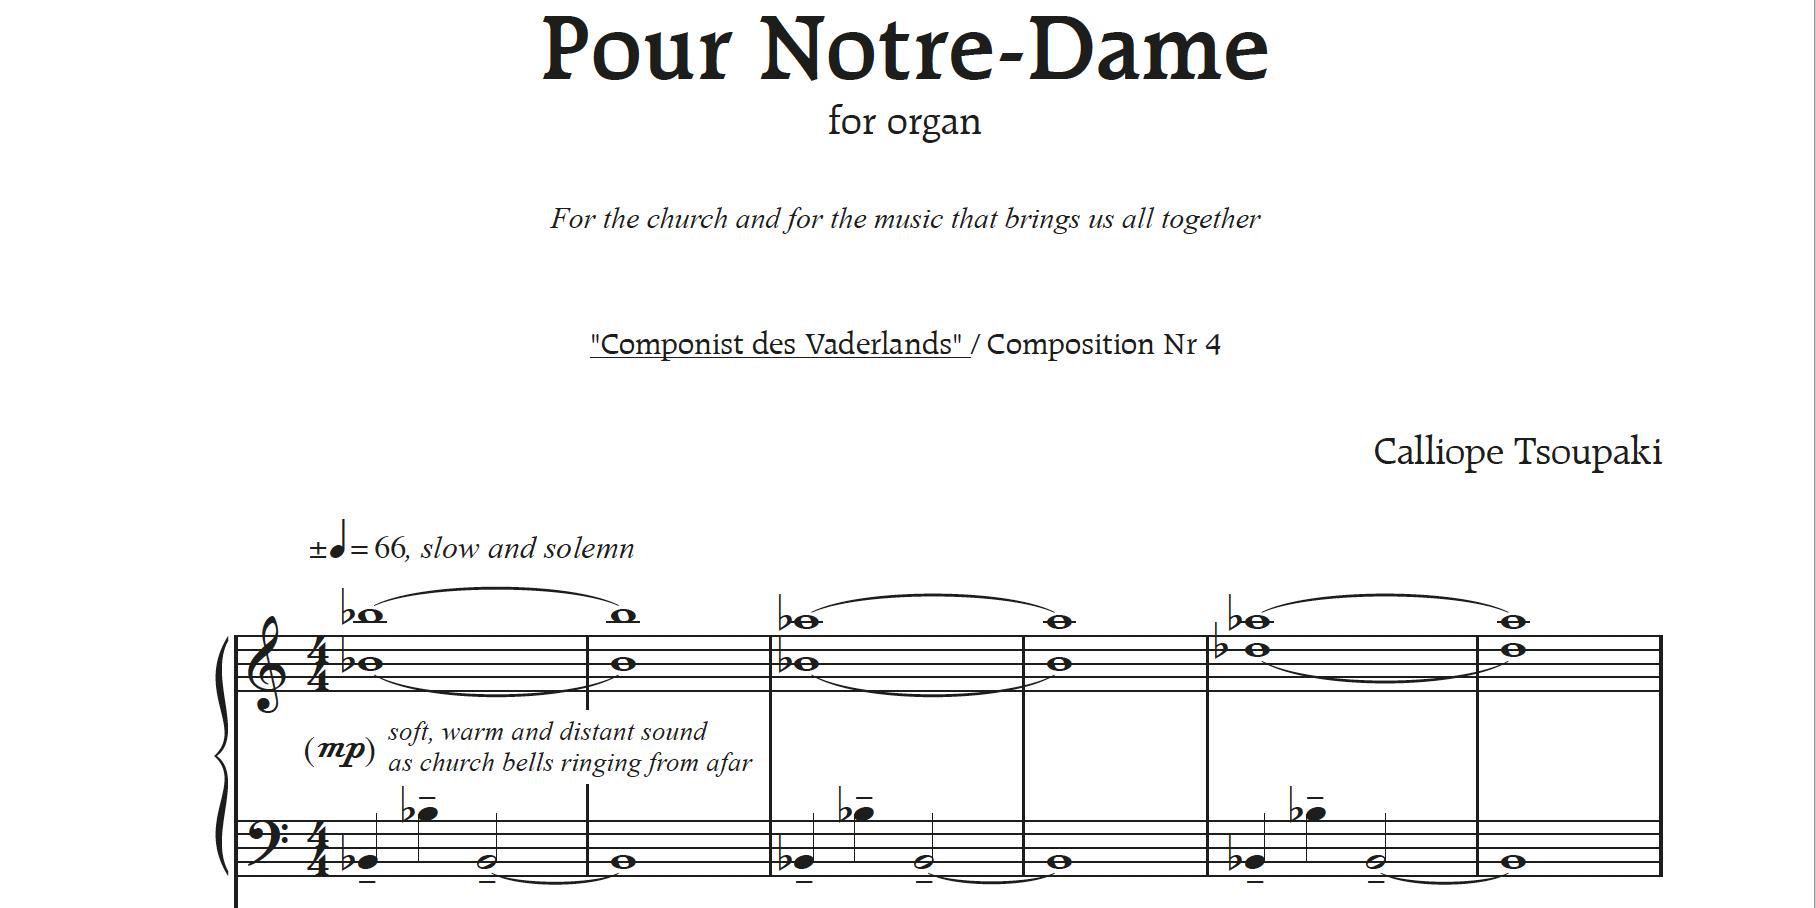 Calliope Tsoupaki schrijft in 1ste jaar als Componist des Vaderlands zes nieuwe stukken